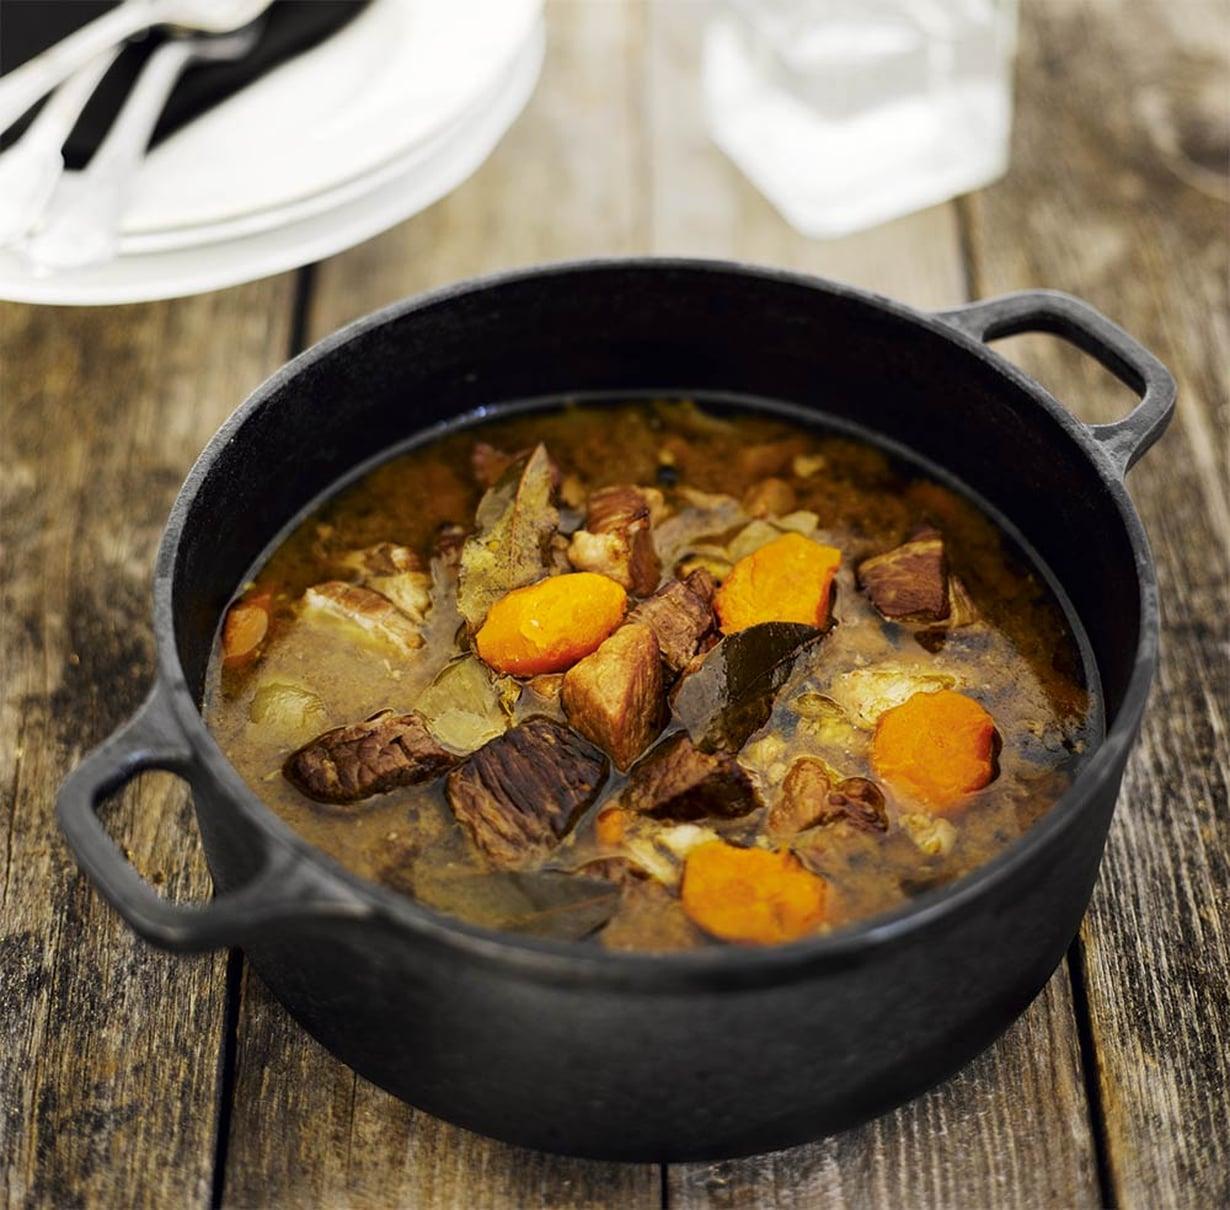 Paketista karjalanpaistia saa edullista ruokaa. Kypsyminen vie aikaa, mutta ateria syntyy melkein itsestään. Lihasta tulee mureaa, kun sen antaa lämmetä huoneenlämpöiseksi ennen ruskistusta.